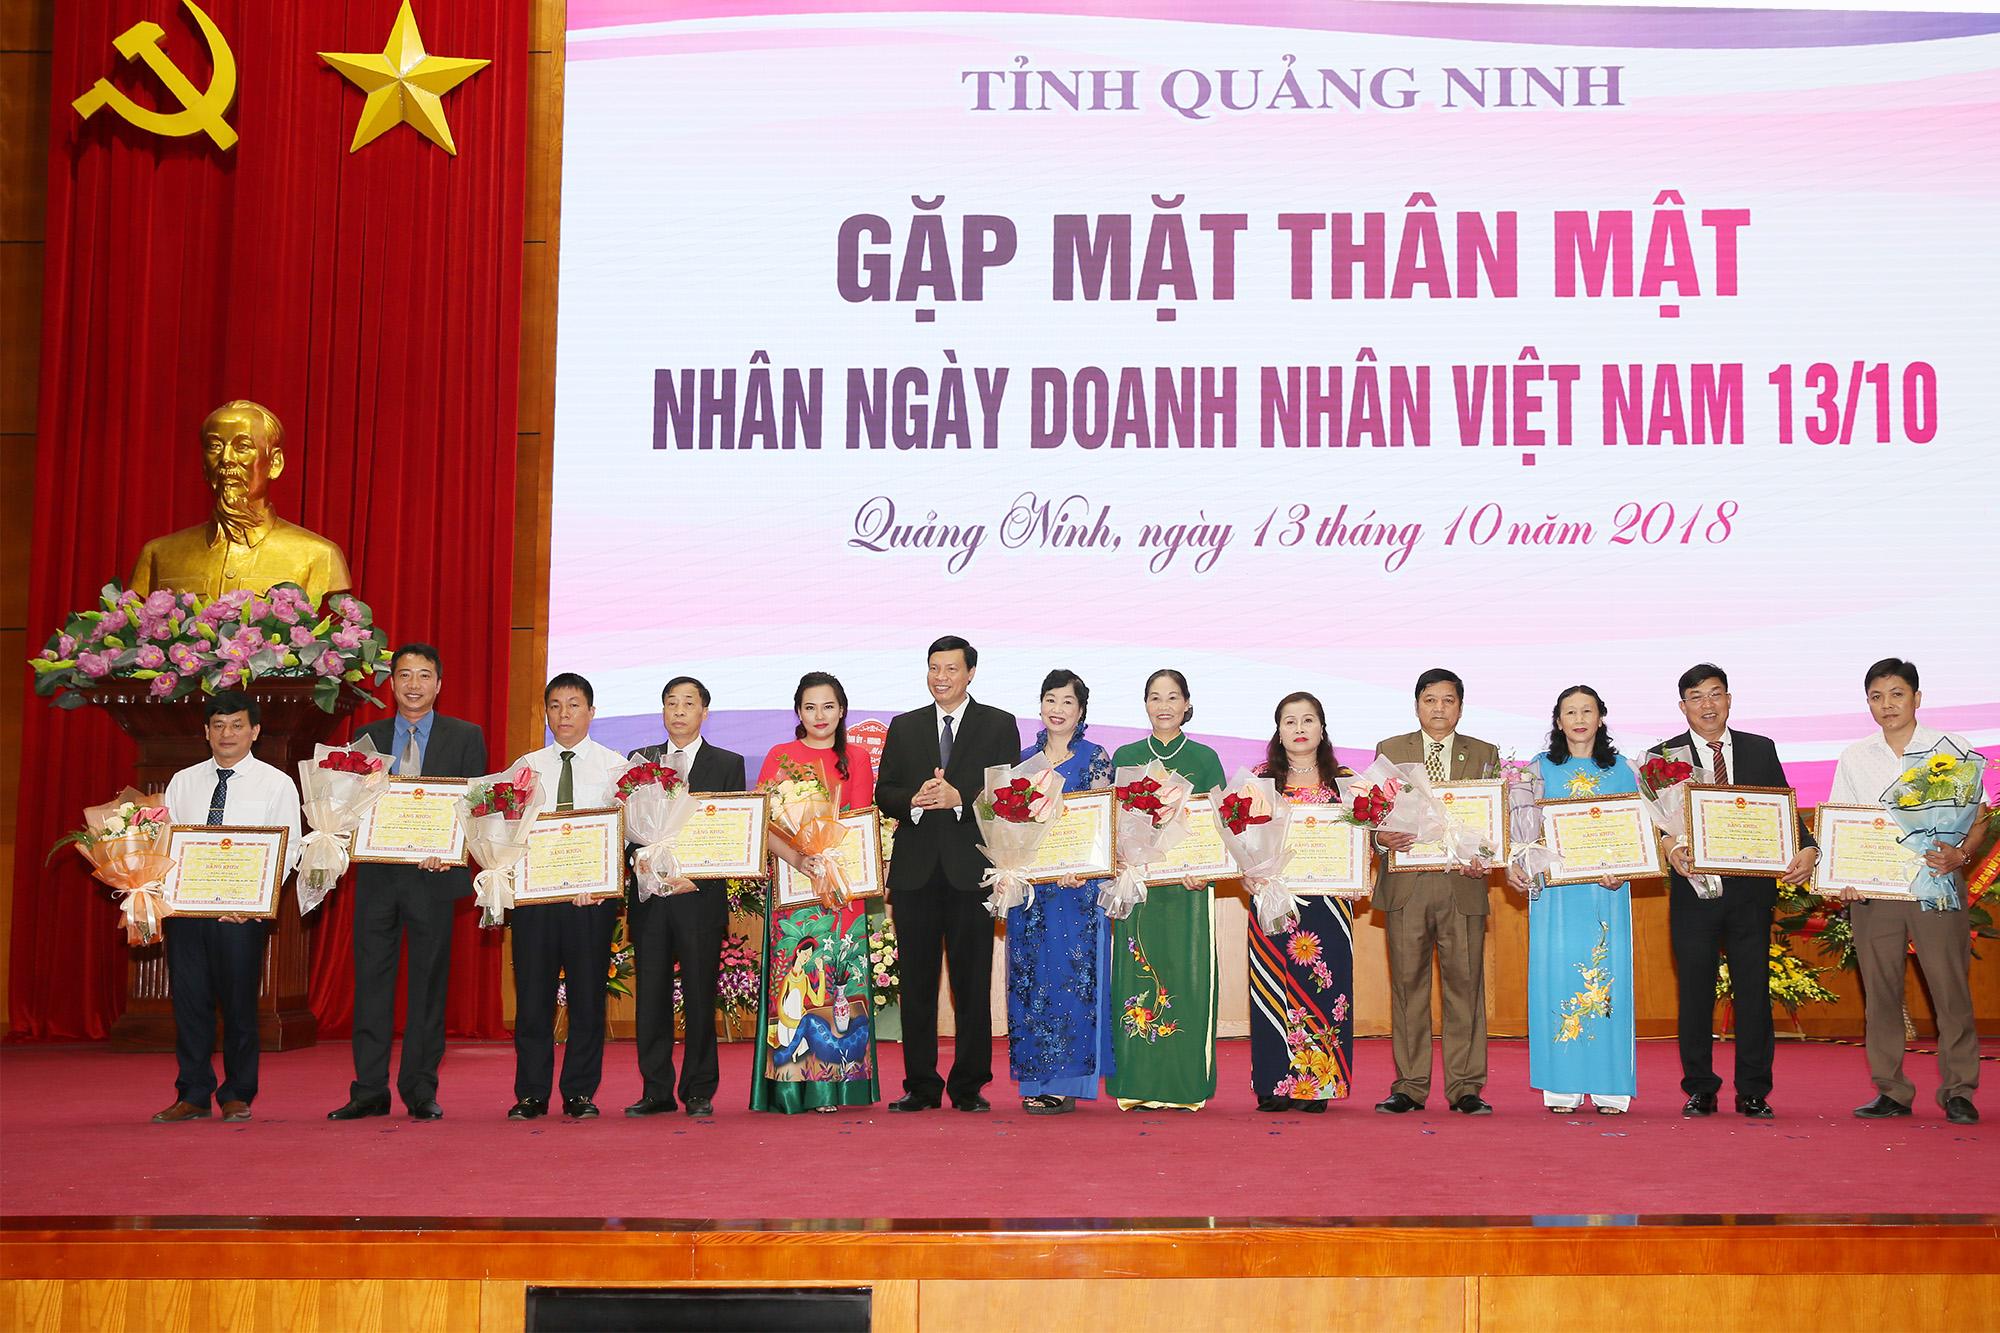 PNS CORP vinh dự nhận bằng khen của Chủ tịch UBND tỉnh Quảng Ninh nhân ngày Doanh nhân Việt Nam 13/10